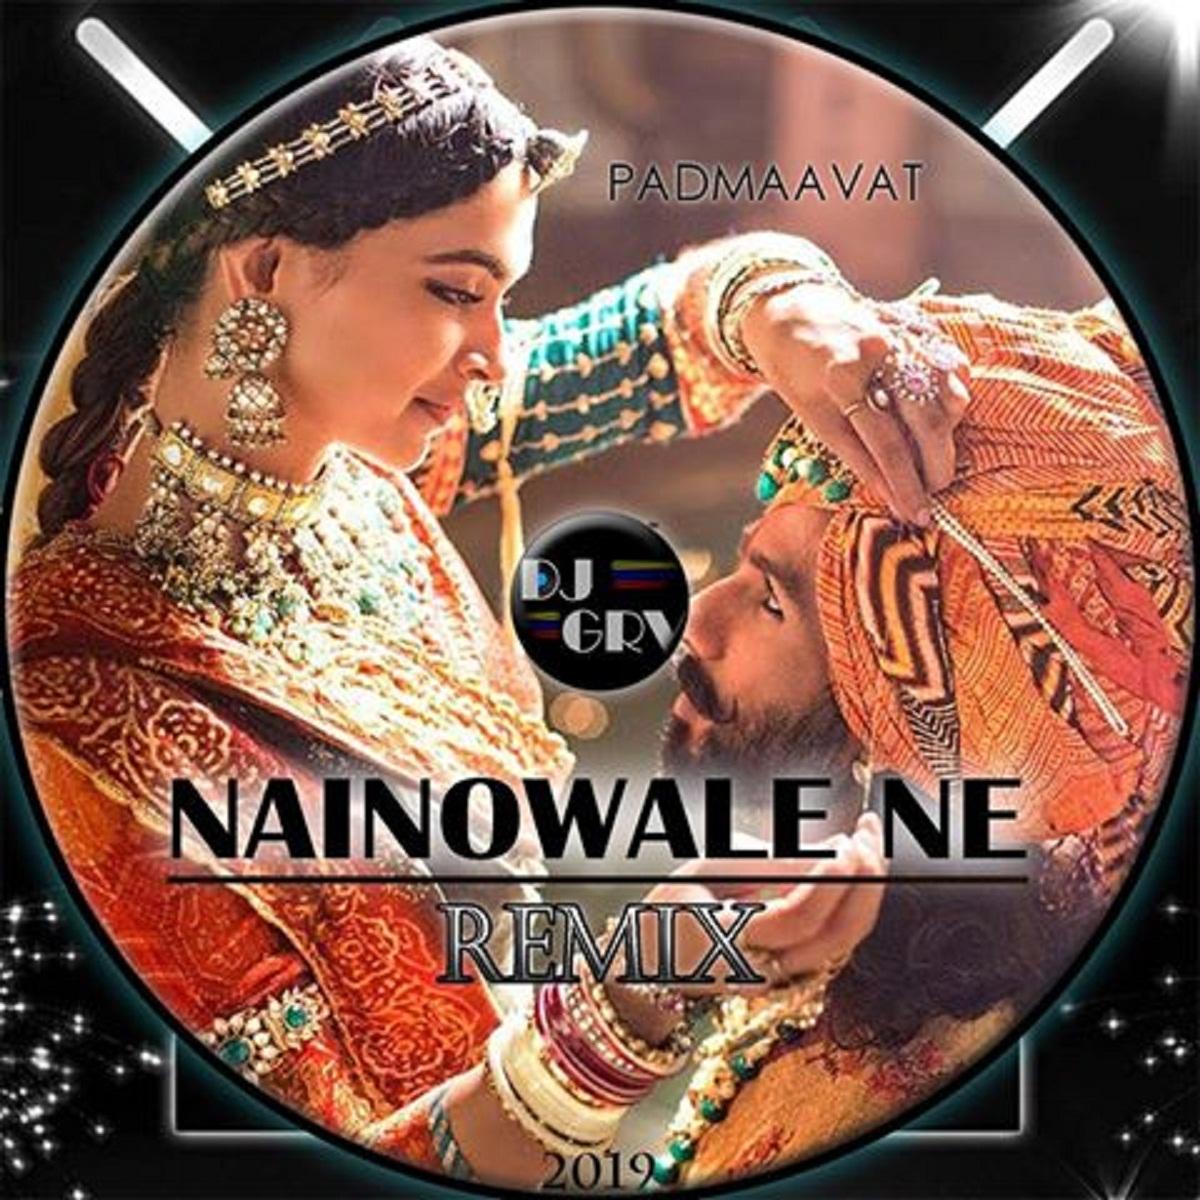 Nainowale Ne, Padmaavat - DJ GRV Remix 2019